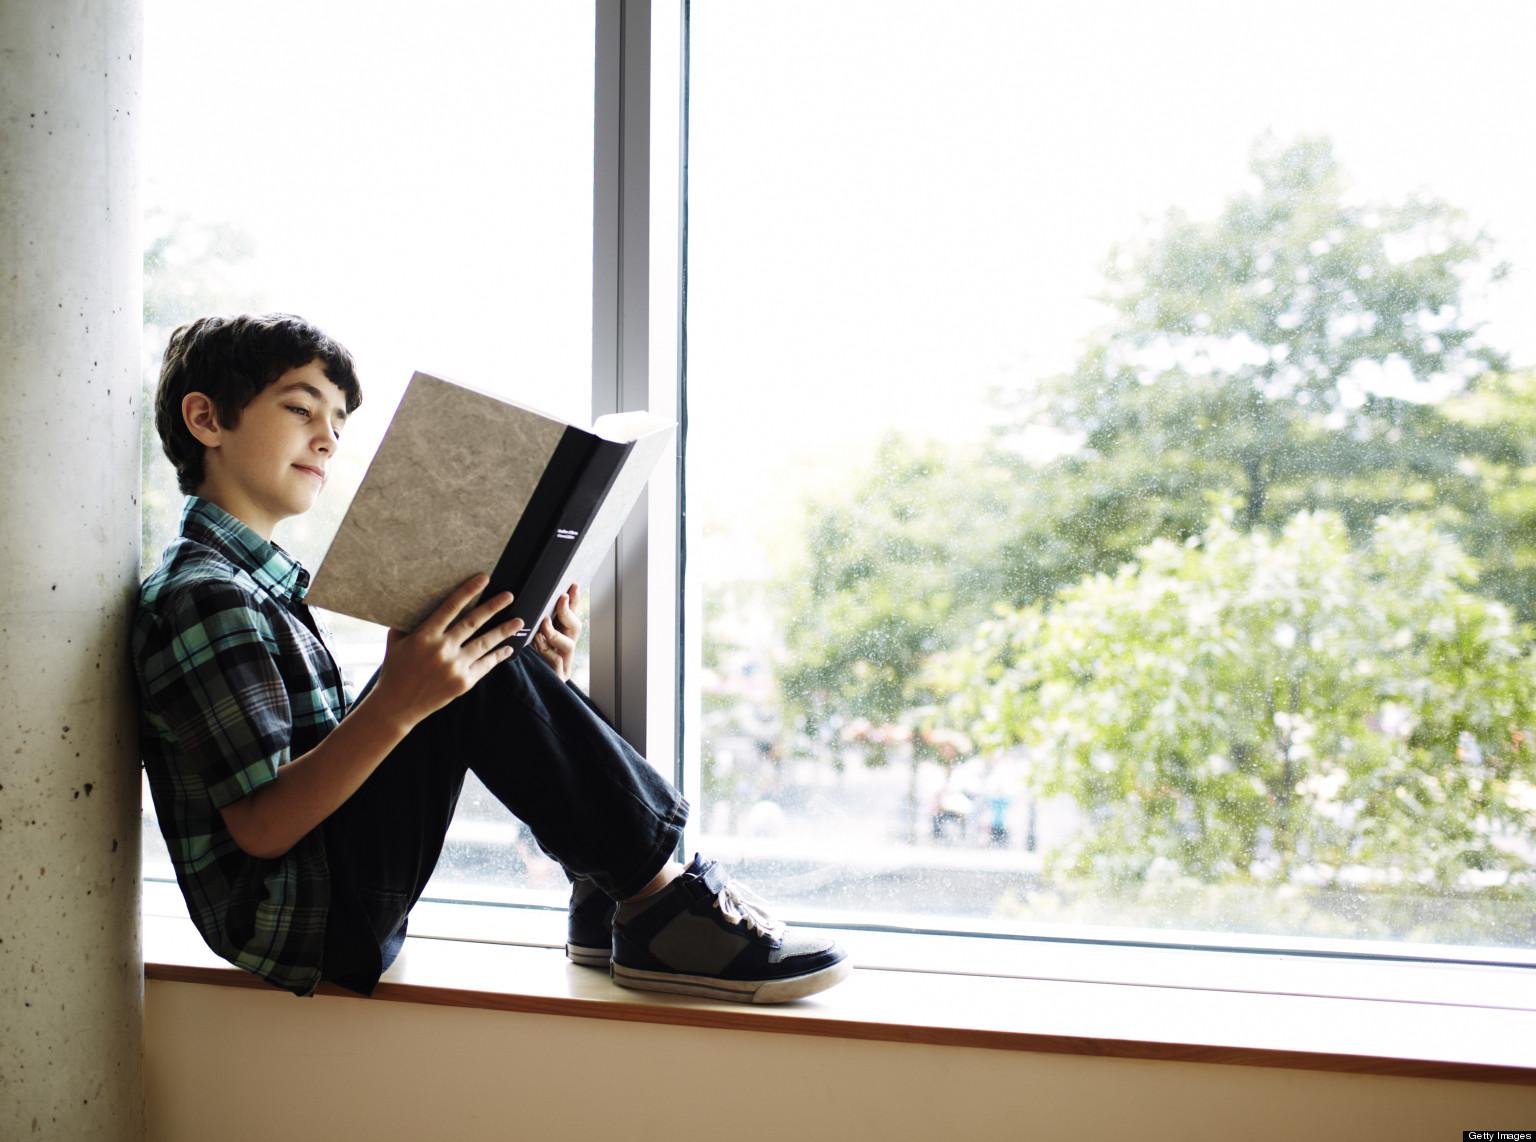 Thinking Girl Wallpaper Finding A Summer Reading Program For Kids Jeanette Pavini